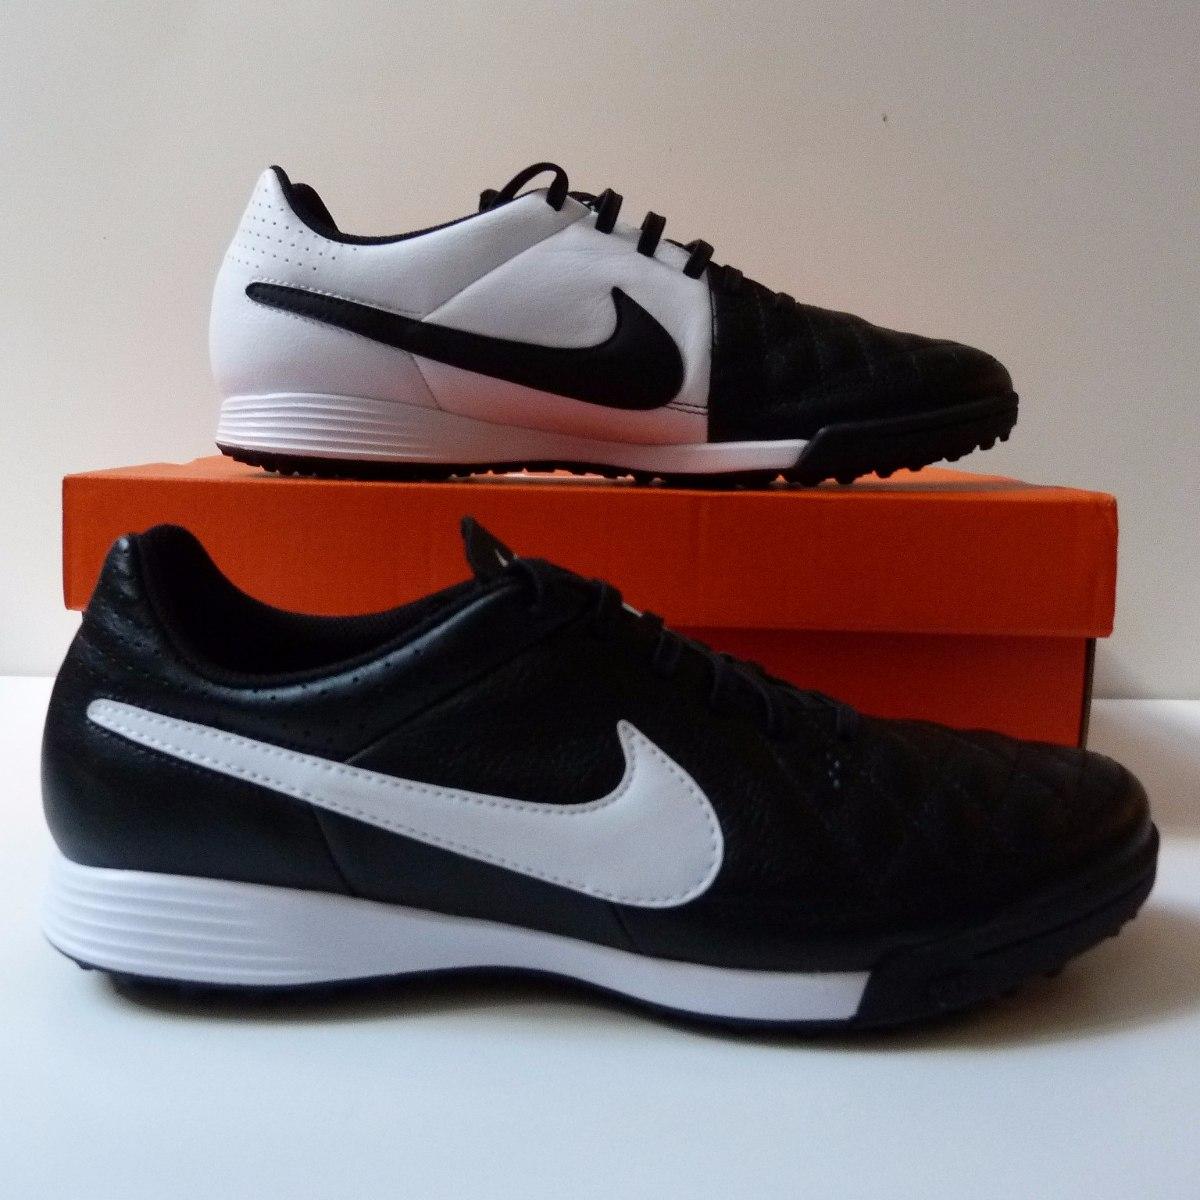 47dc231c48 Chuteira Nike Tiempo Genio Society Couro 100% Original - R  349